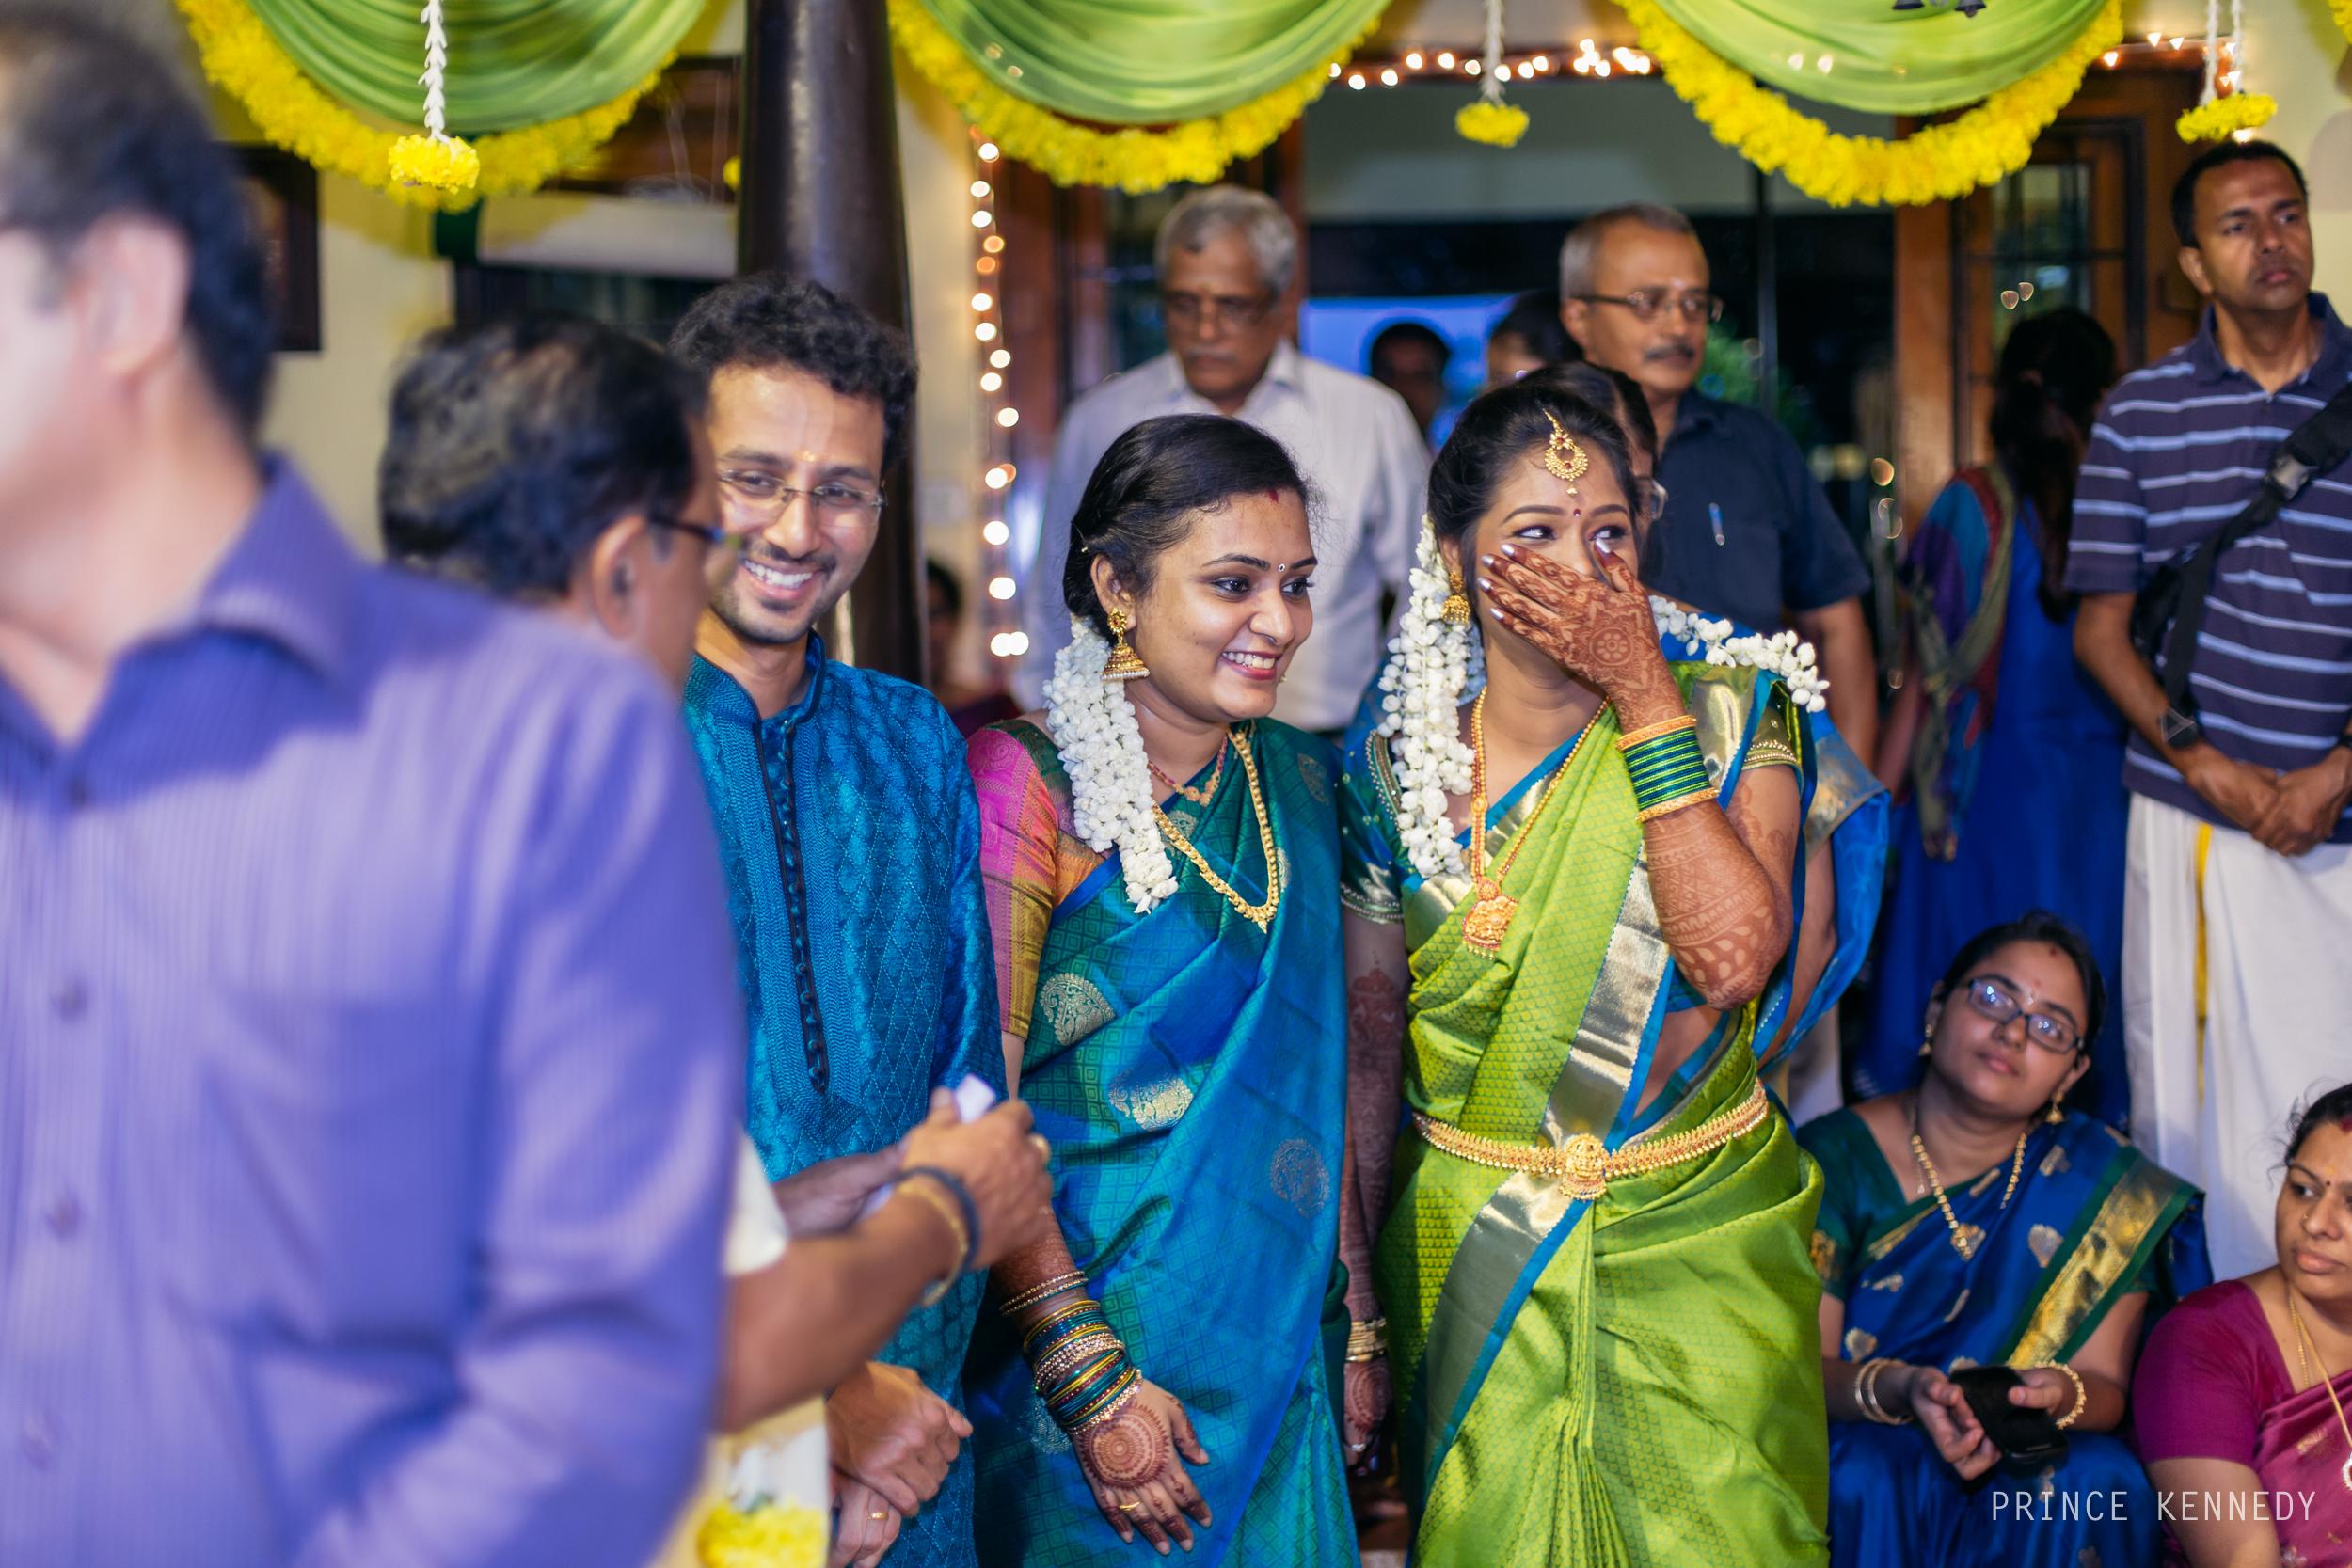 Engagement-Couple-Portrait-Portraiture-Wedding-Couple-Portrait-Chennai-Photographer-Candid-Photography-Destination-Best-Prince-Kennedy-Photography-209.jpg